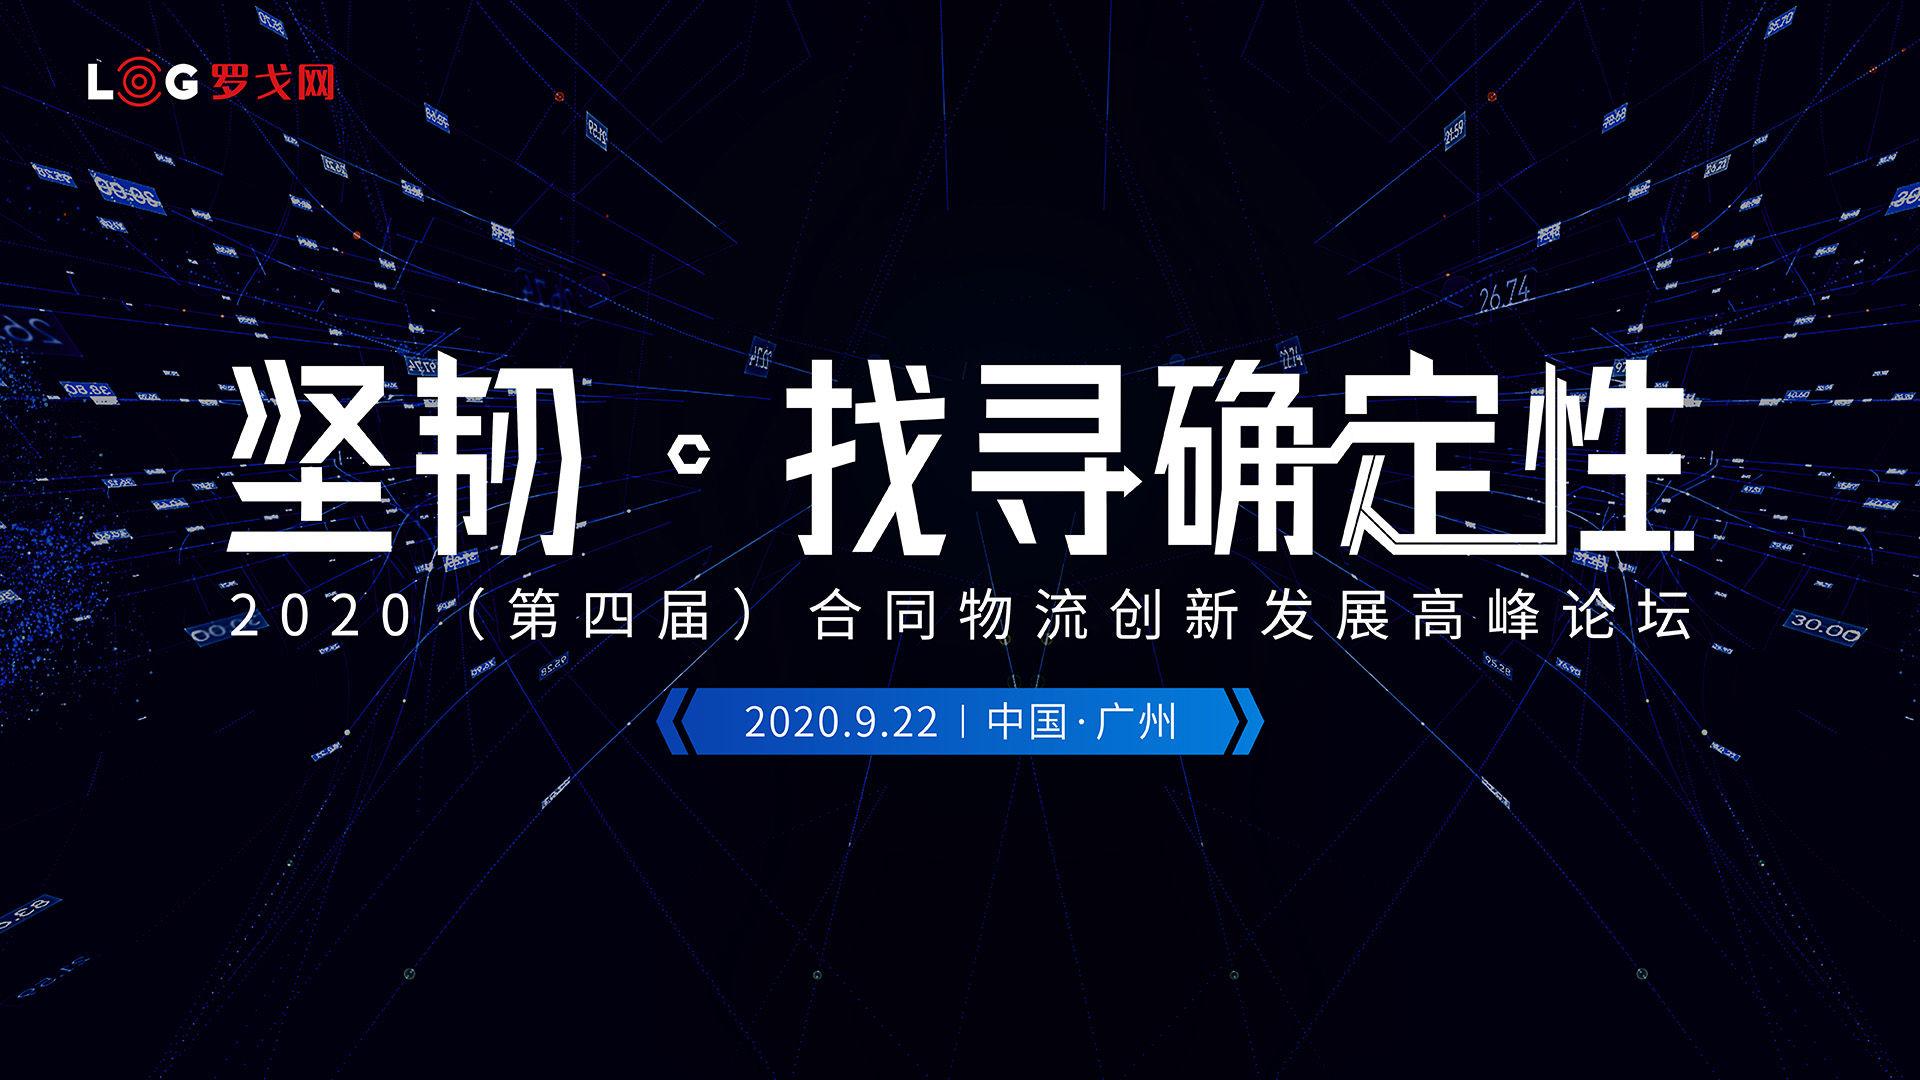 9月22日·廣州   2020(第四屆)合同物流 創新發展高峰論壇